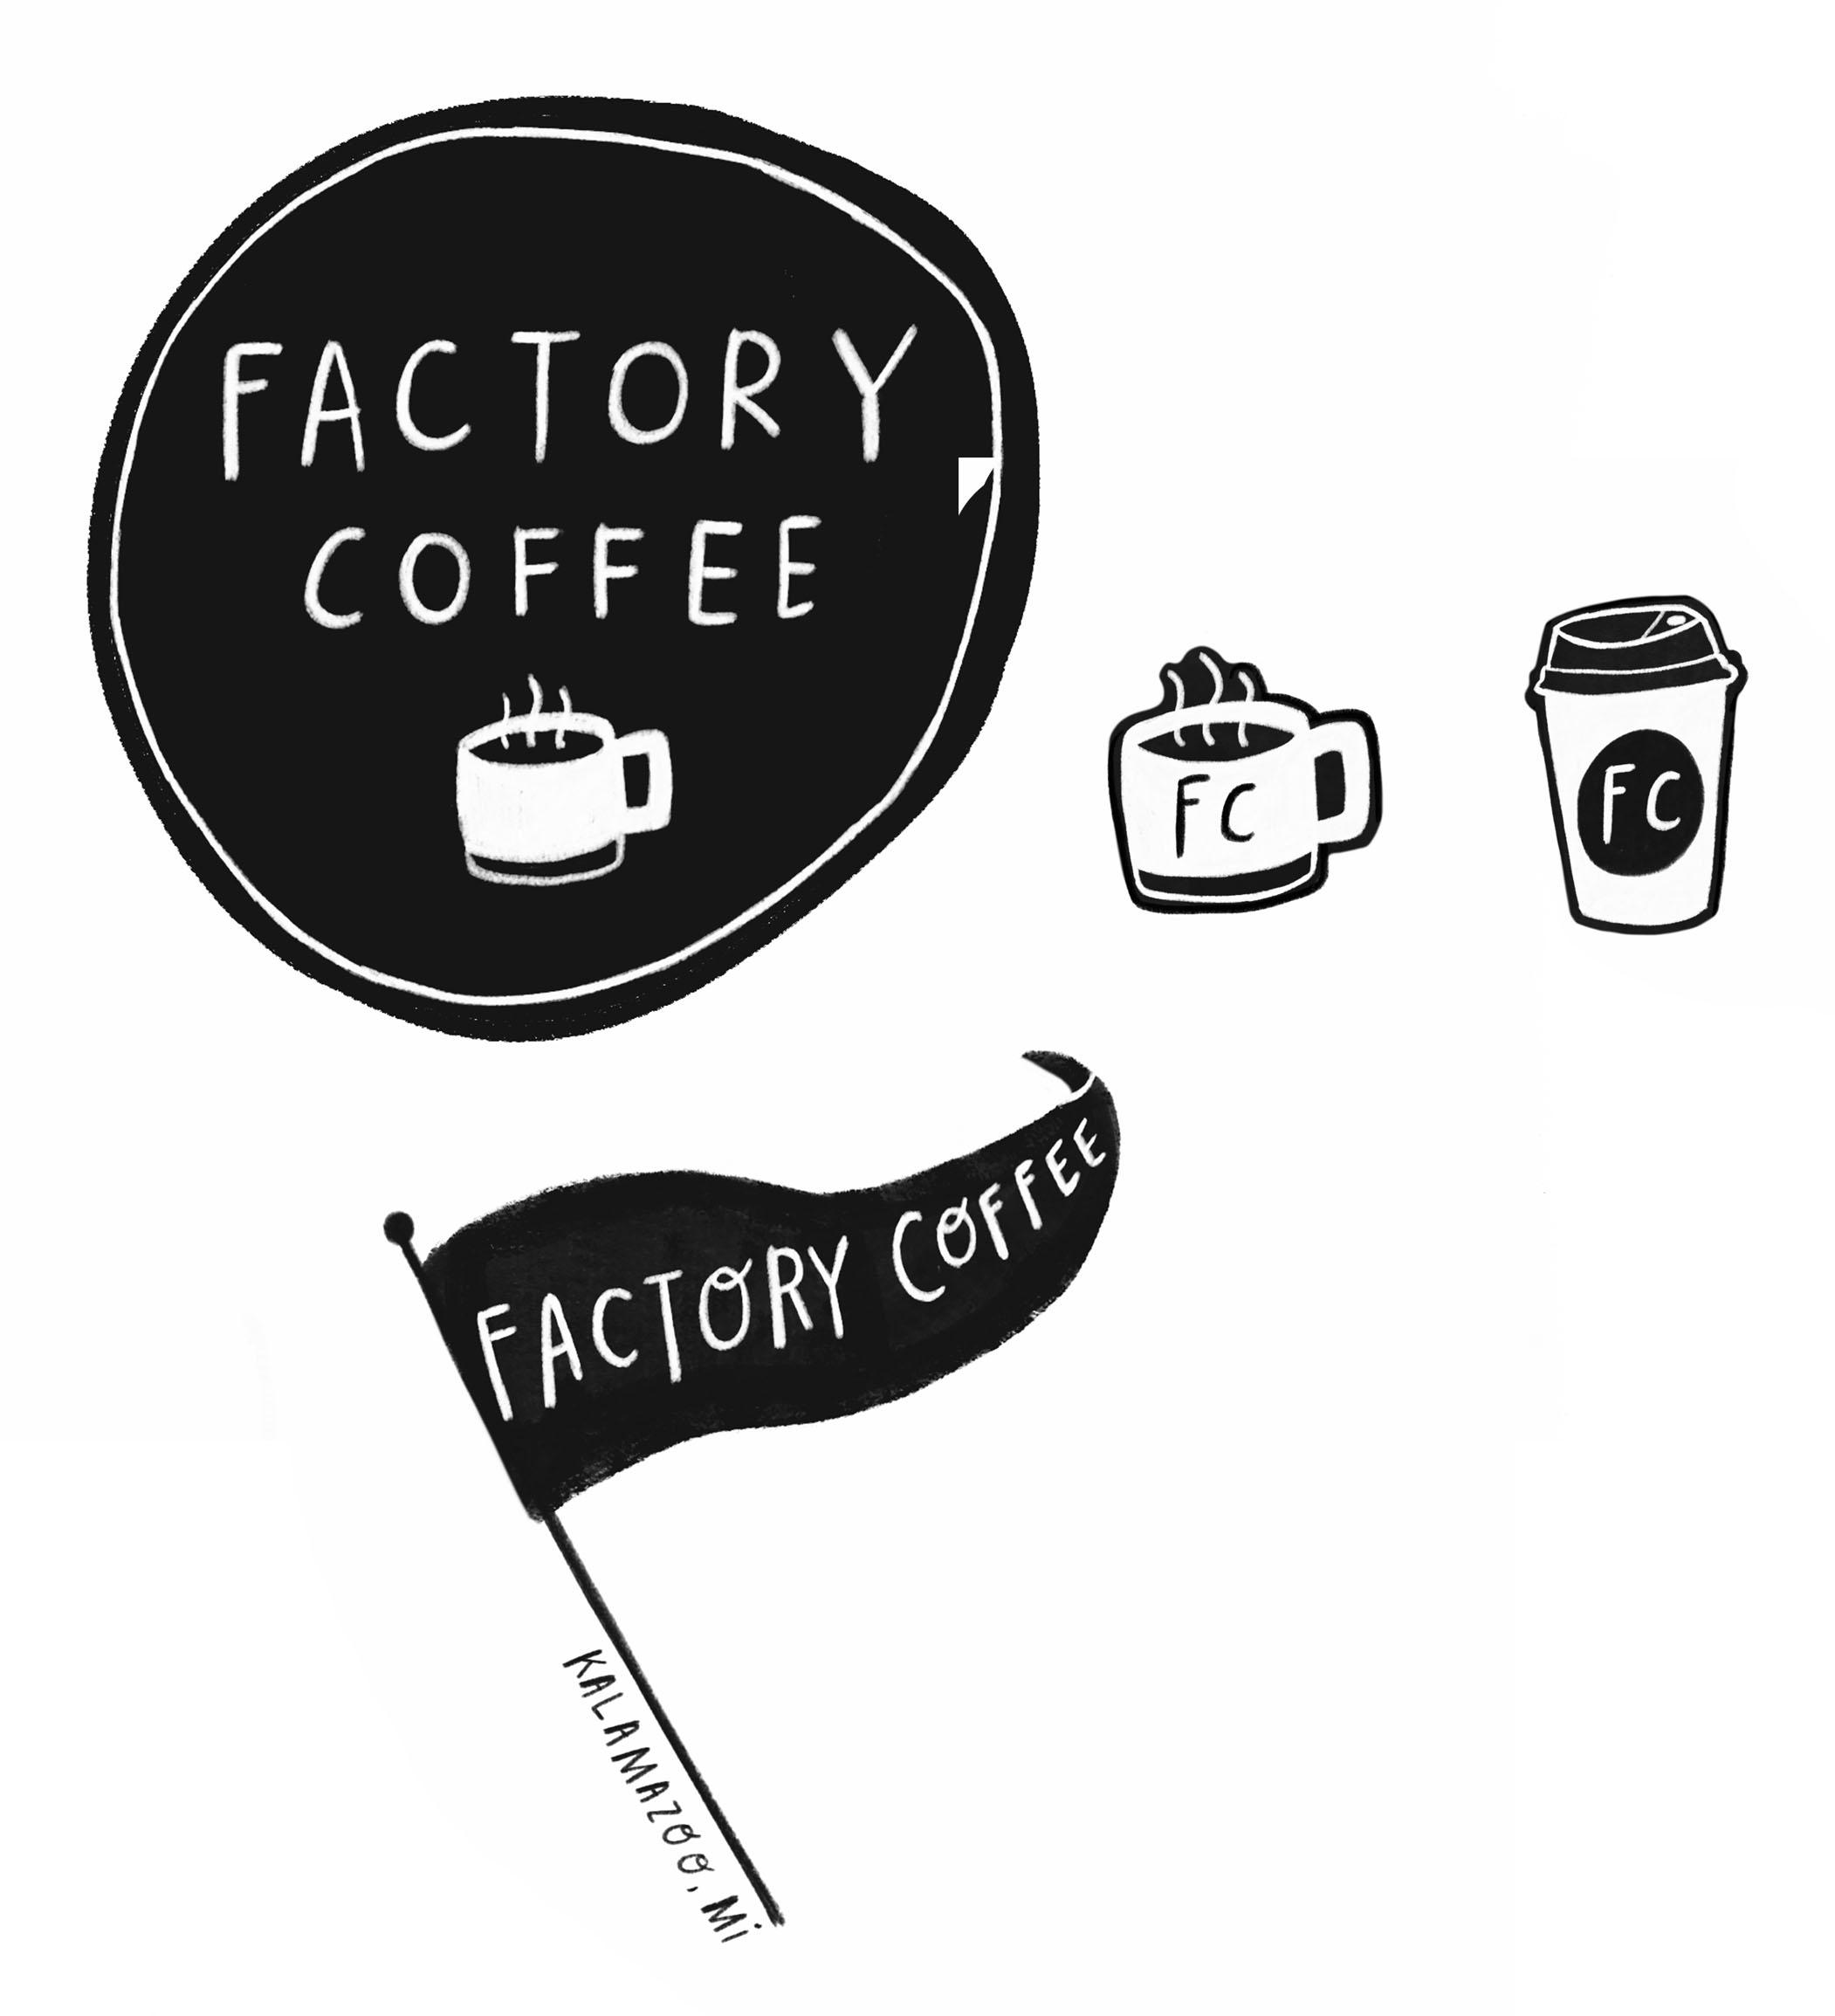 factorycoffeespread.jpg